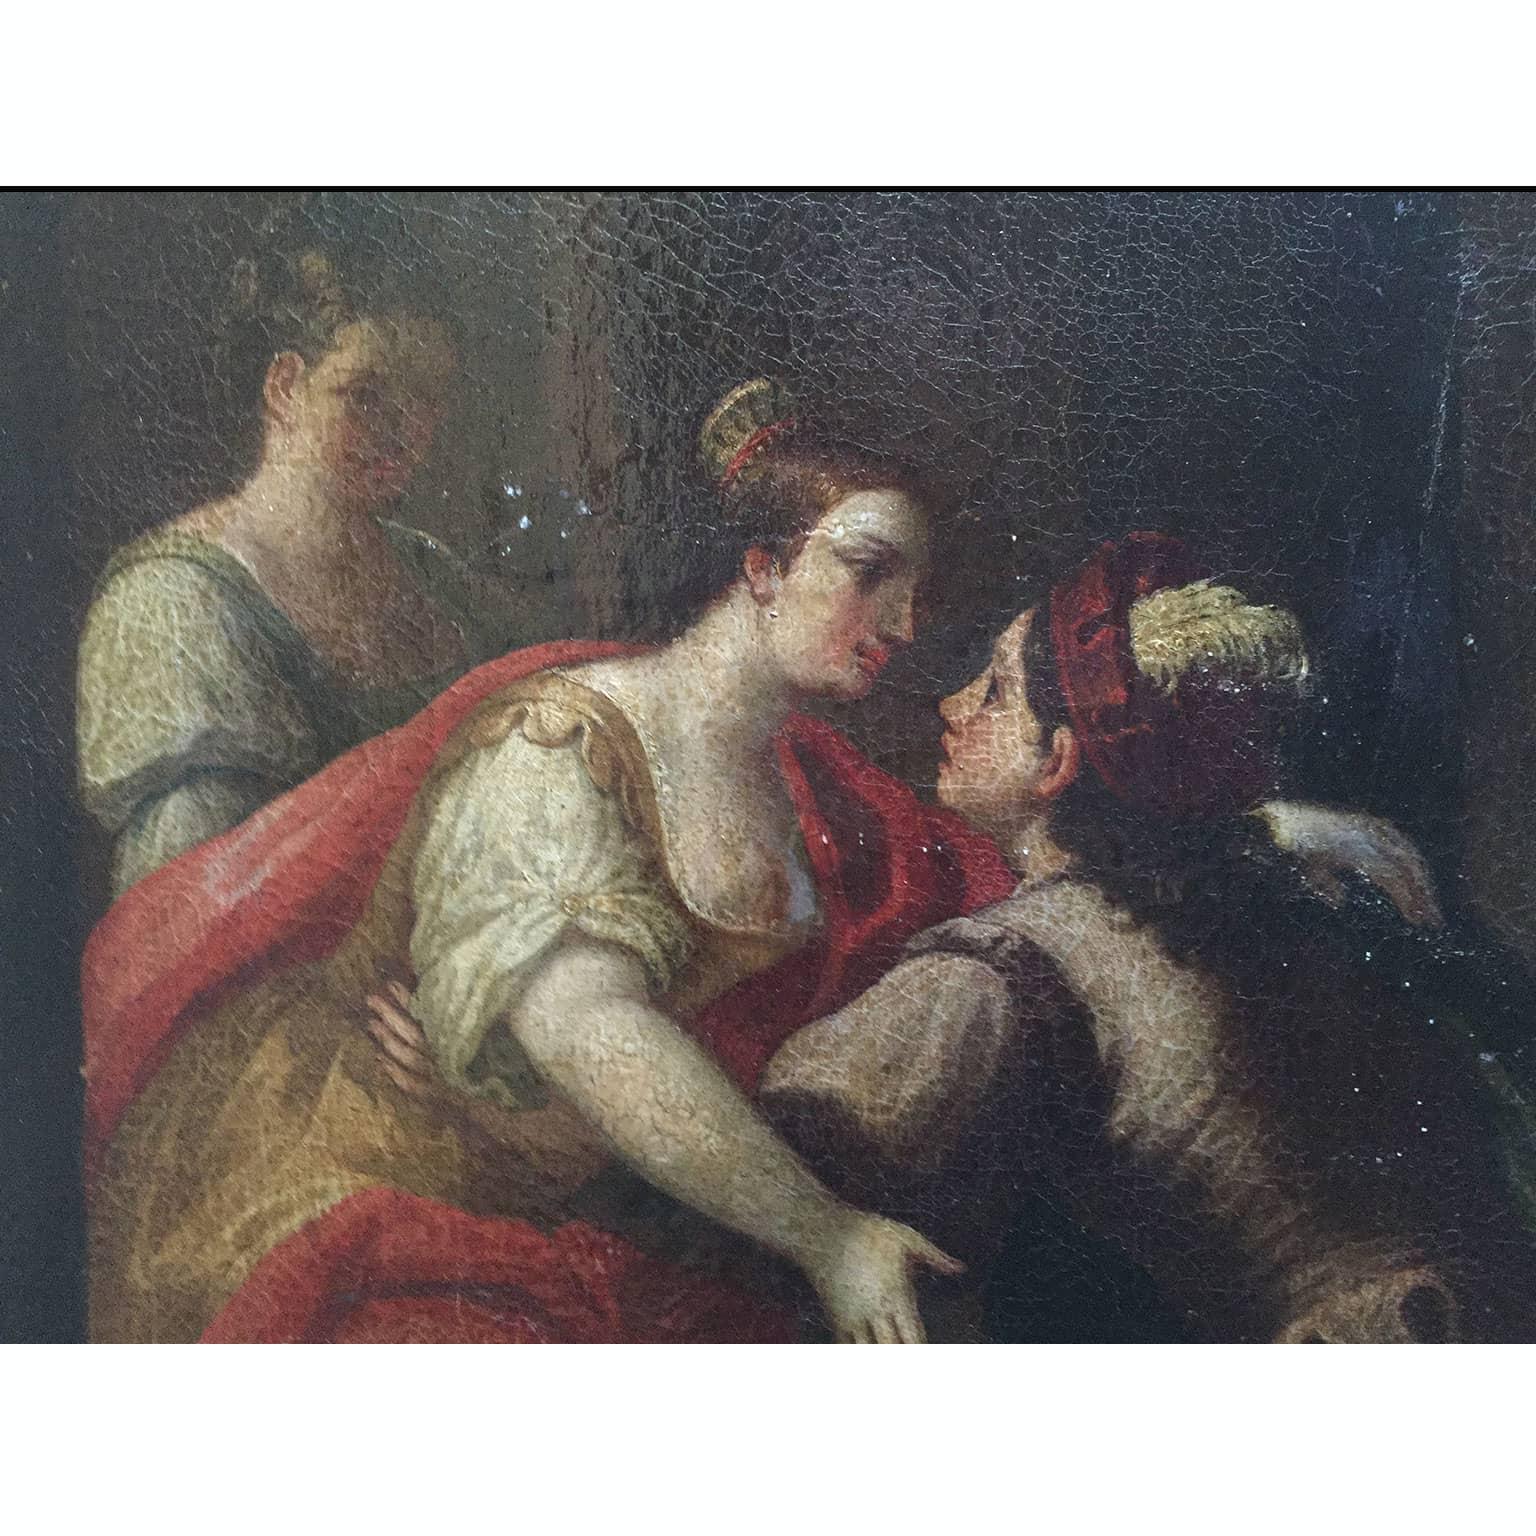 Dipinto-con-figure-del-1700-a